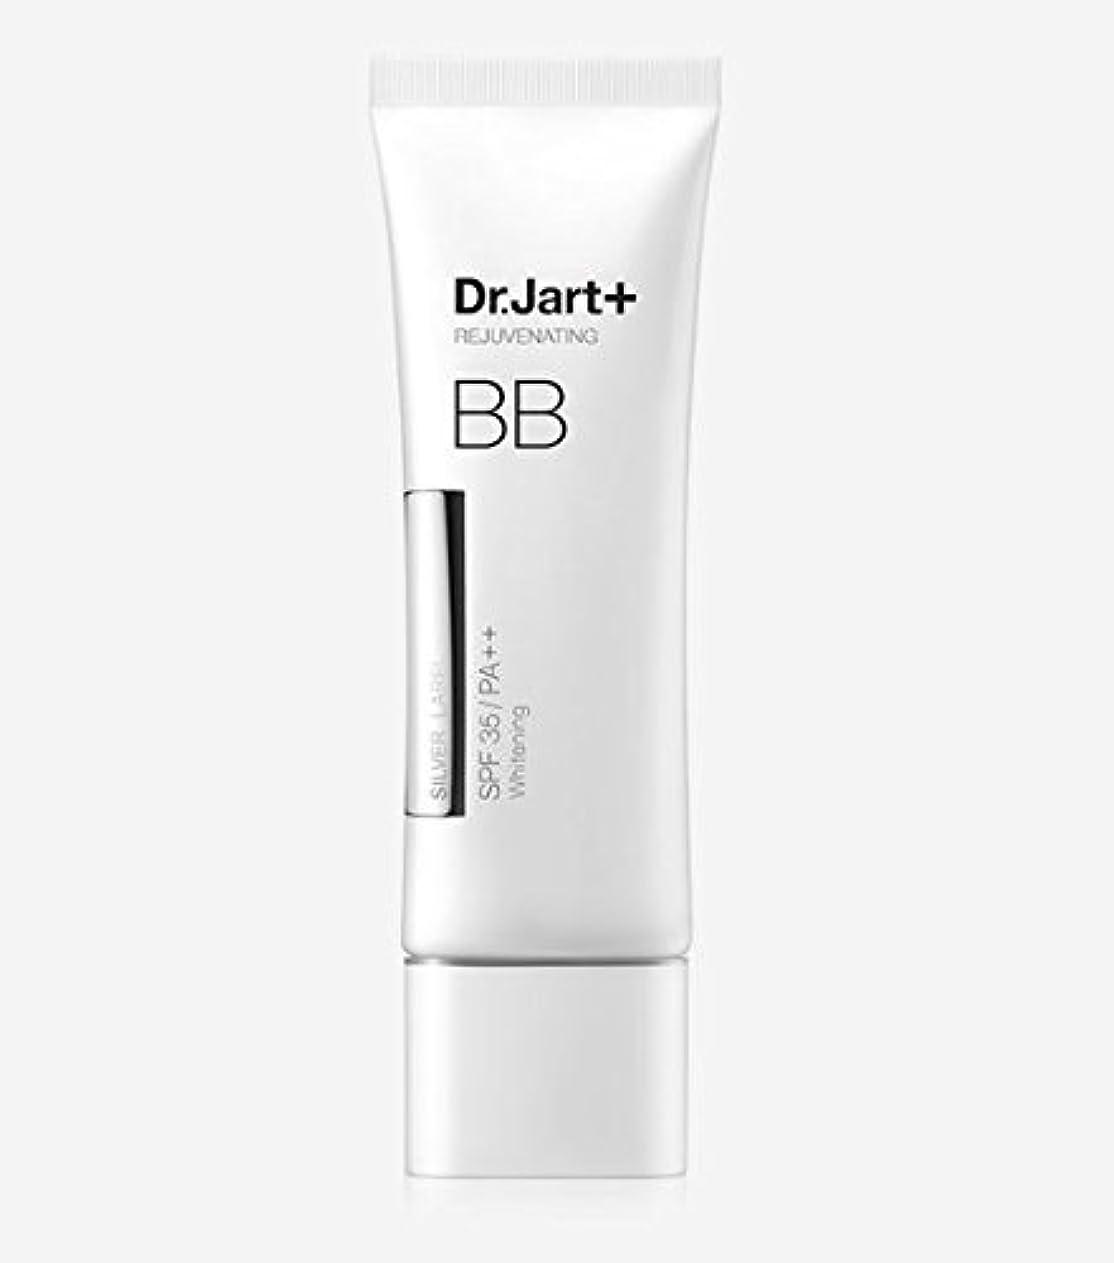 値下げ七面鳥ハード[Dr. Jart] Silver Label BB Rejuvenating Beauty Balm 50ml SPF35 PA++/[ドクタージャルト] シルバーラベル BB リジュビネイティング ビューティー バーム...